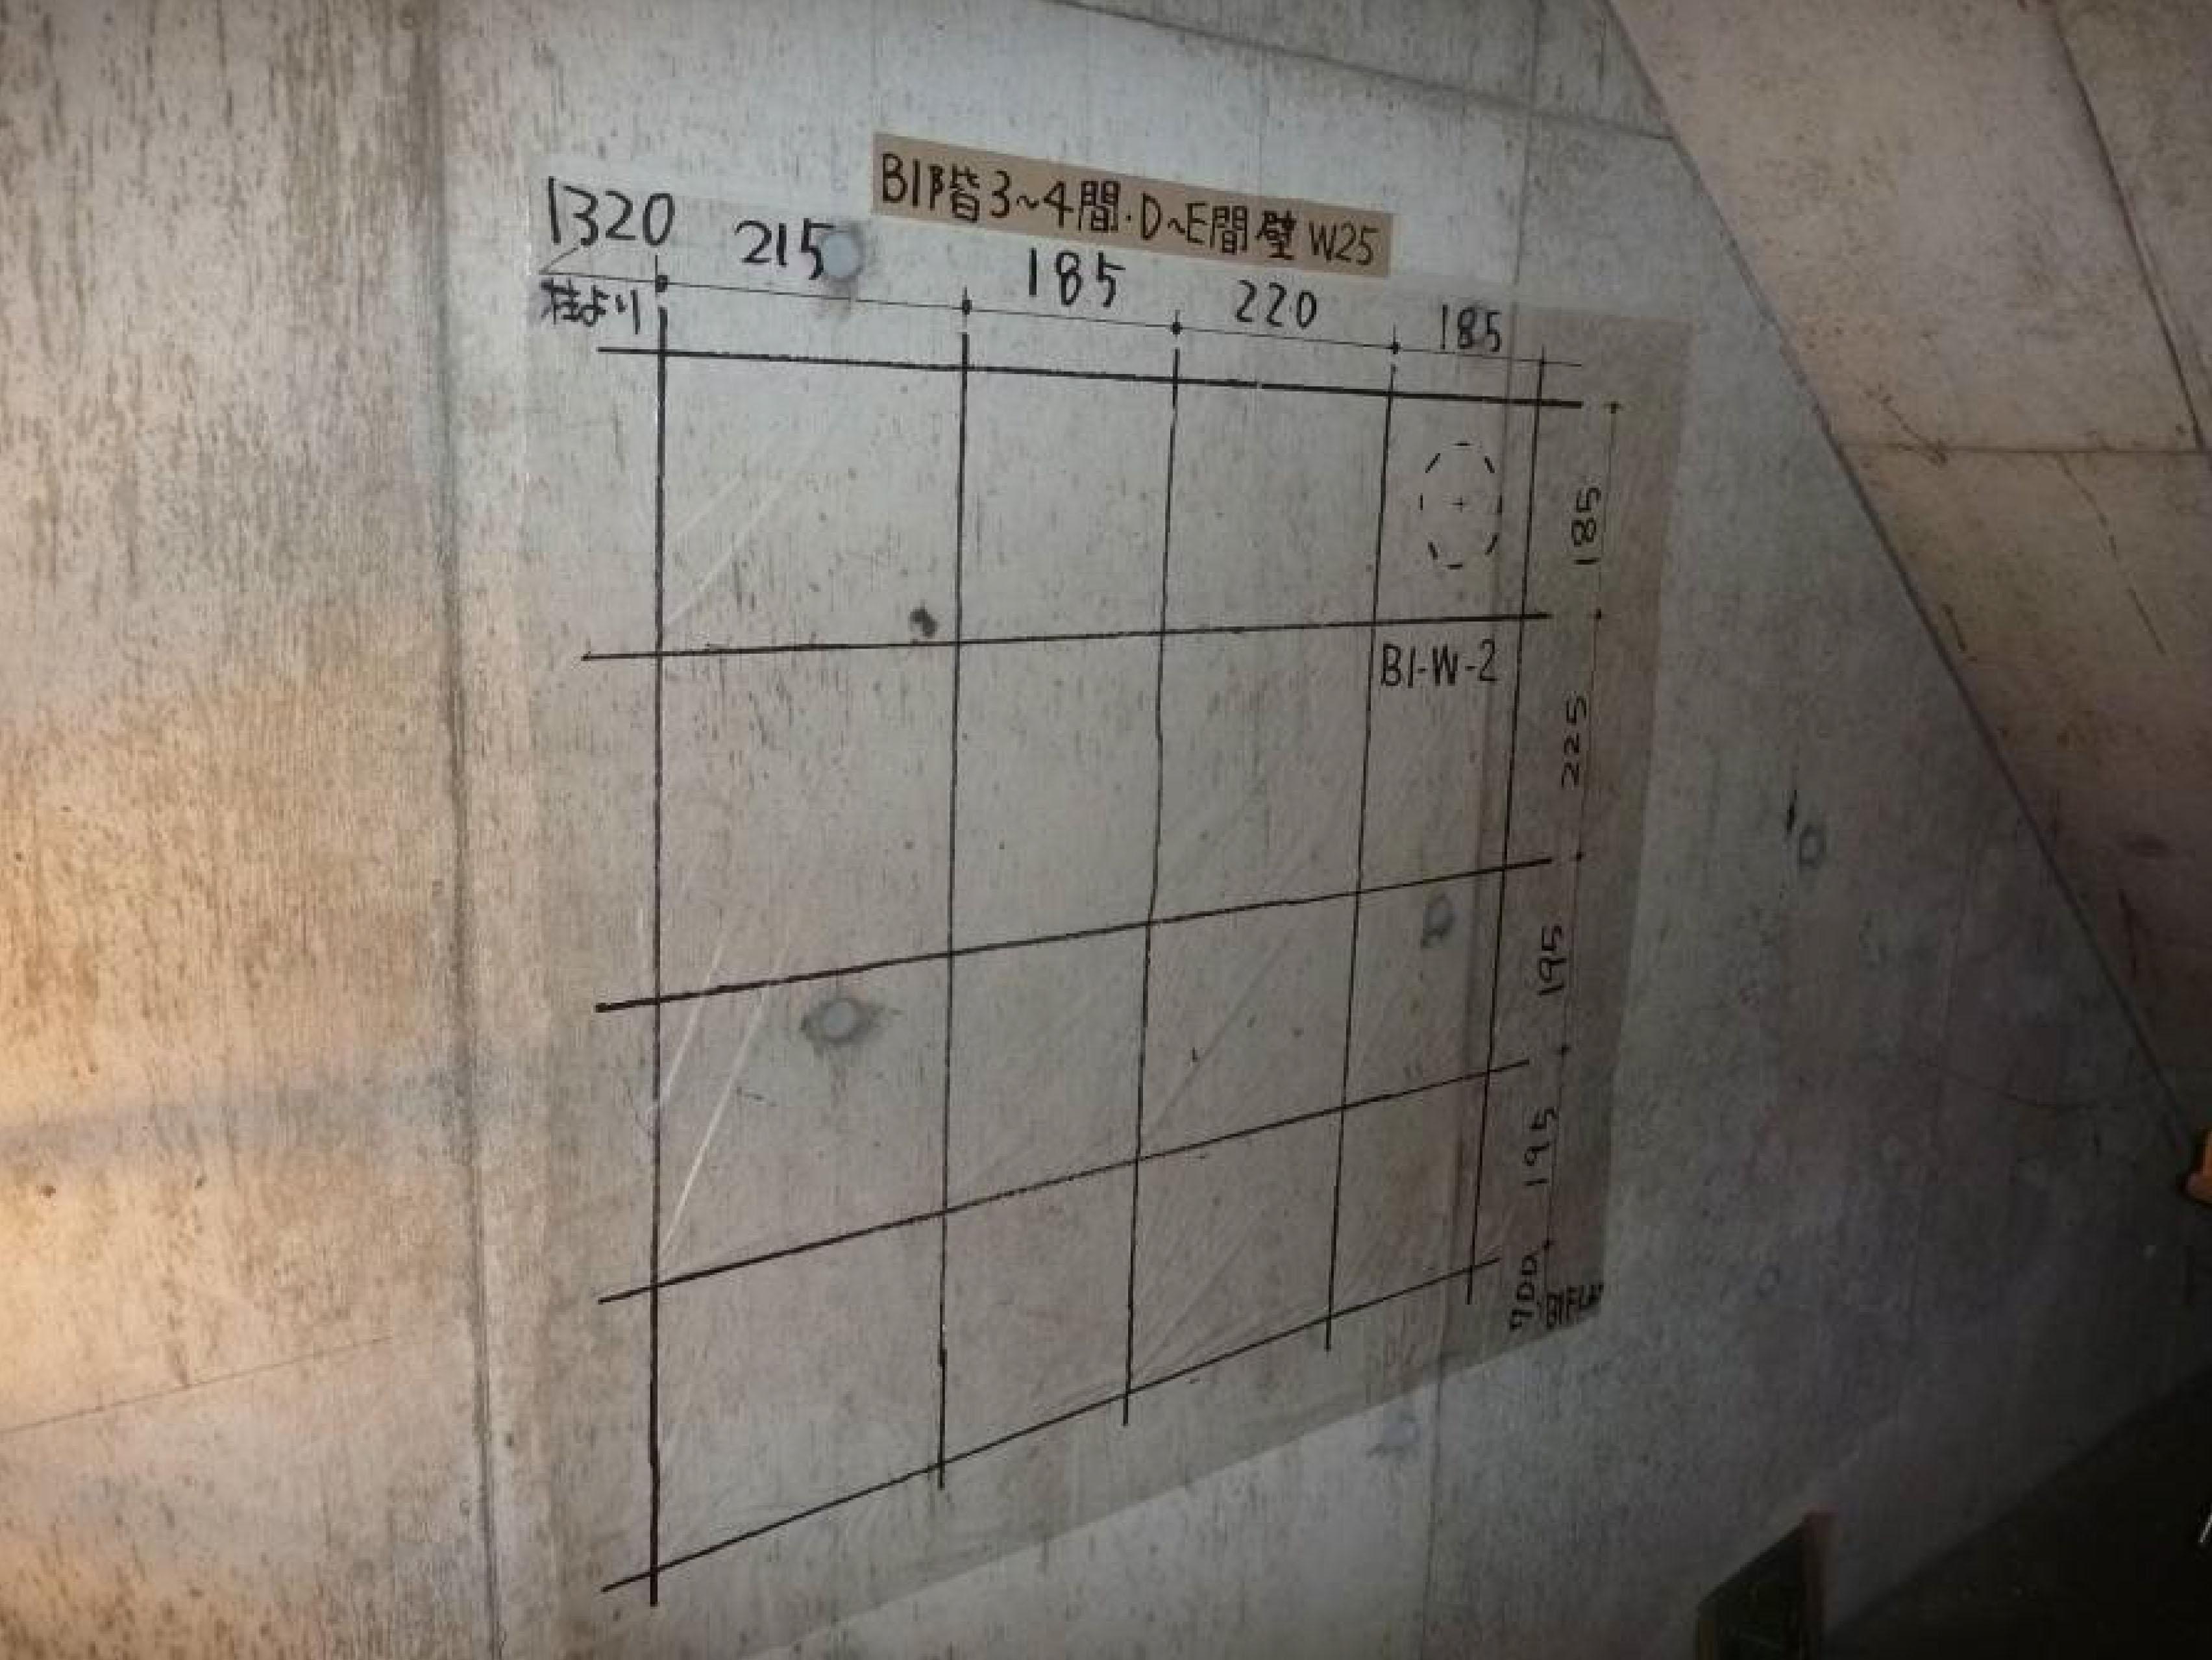 用途変更の際に配筋調査を行い、配筋の間隔が書かれている壁の現場写真